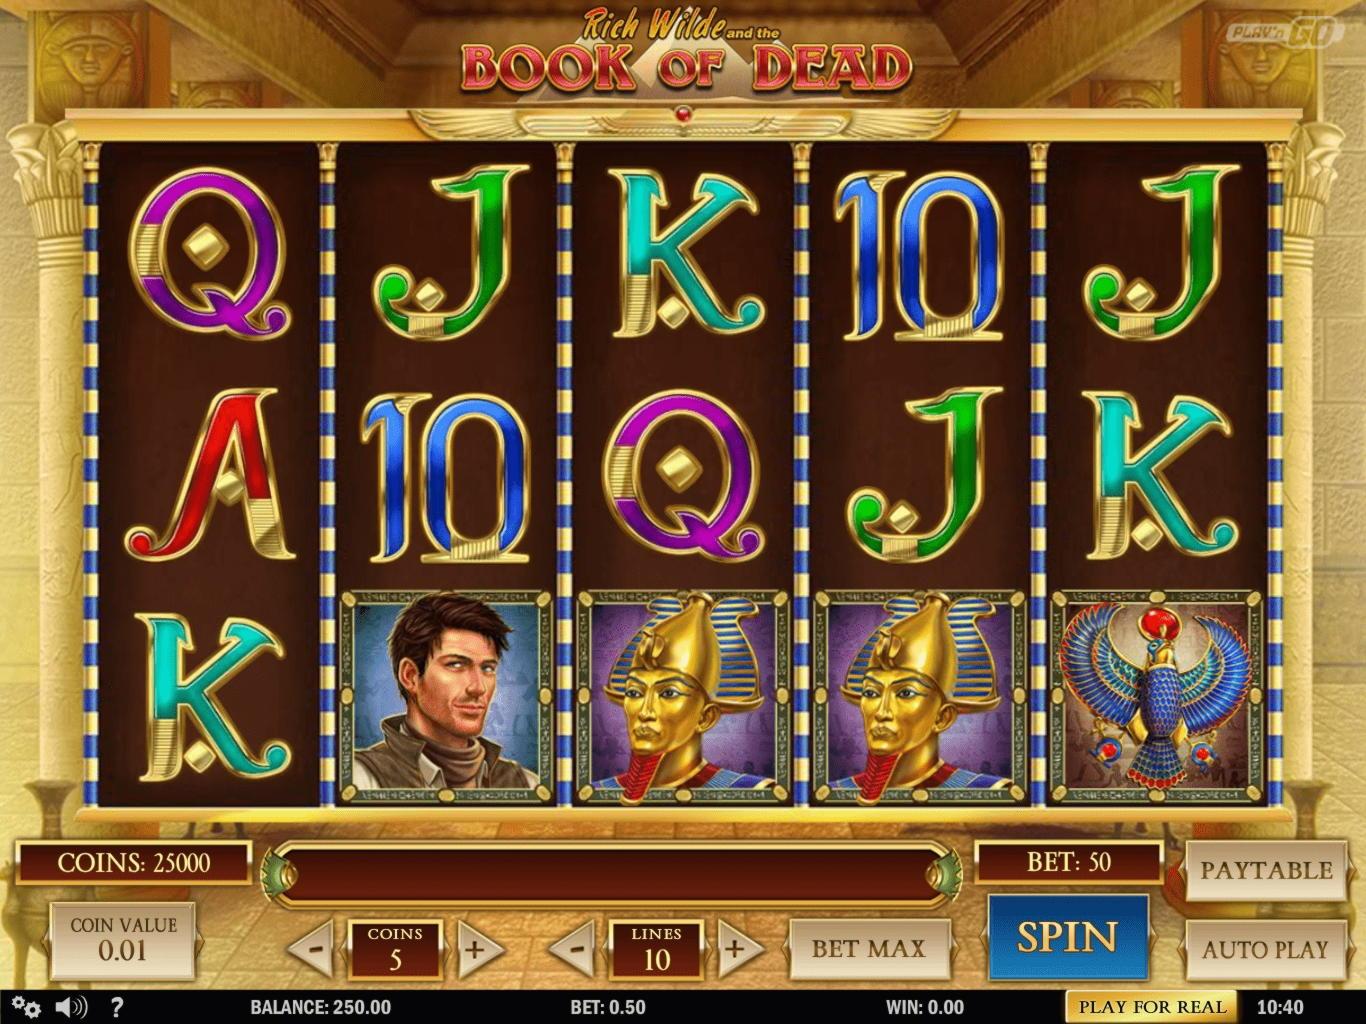 ทัวร์นาเมนต์สล็อตฟรีสล็อต EURO 670 มือถือที่ Cherry Gold Casino